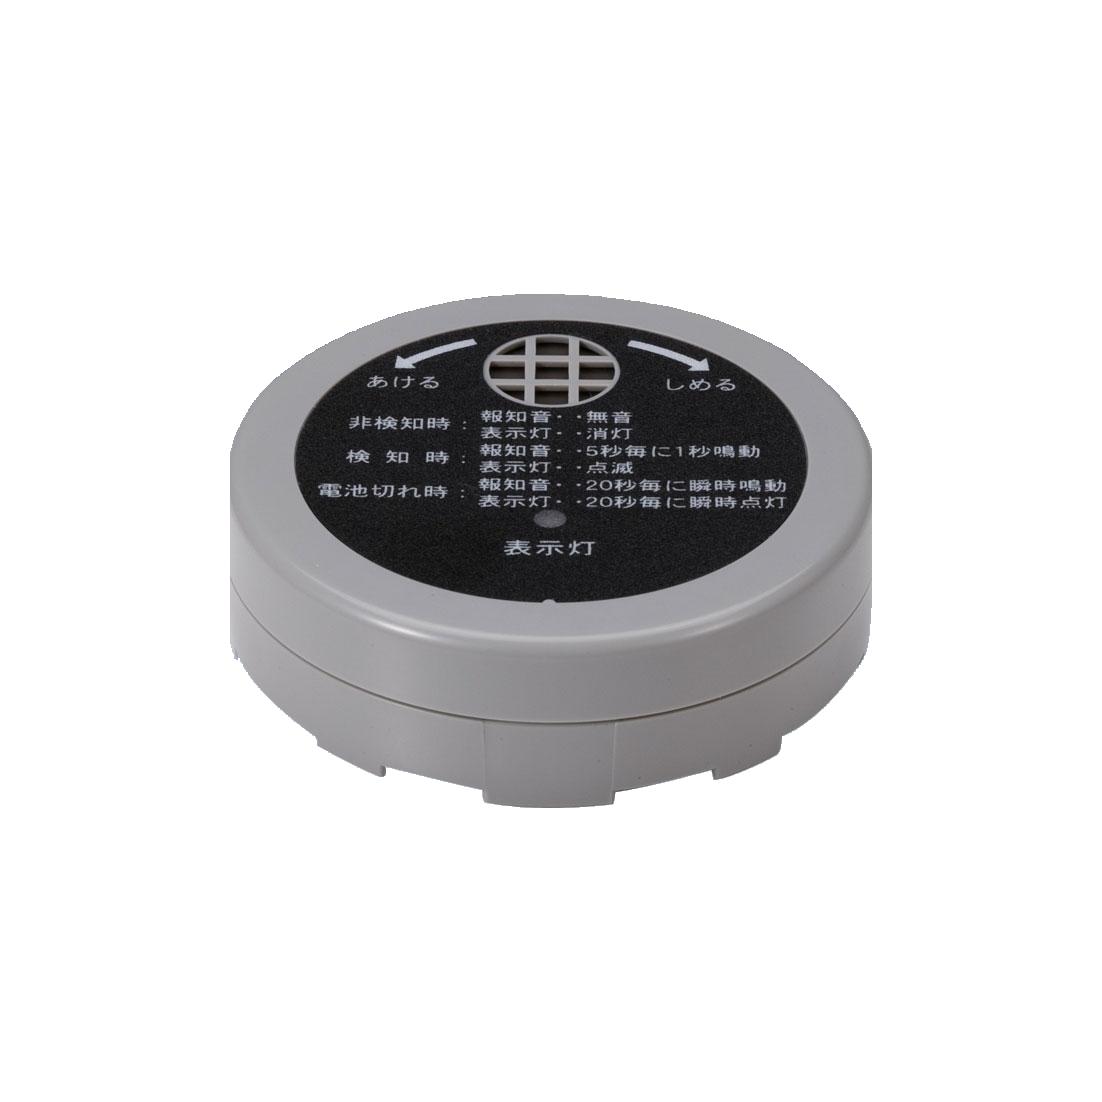 軽薄小型で 驚きの値段で どこにでも設置しやすい形状です 簡単設置の水漏れ当番 水もれ報知器 検知 漏水センサー TAKEX 竹中エンジニアリング EXL-SS12 期間限定お試し価格